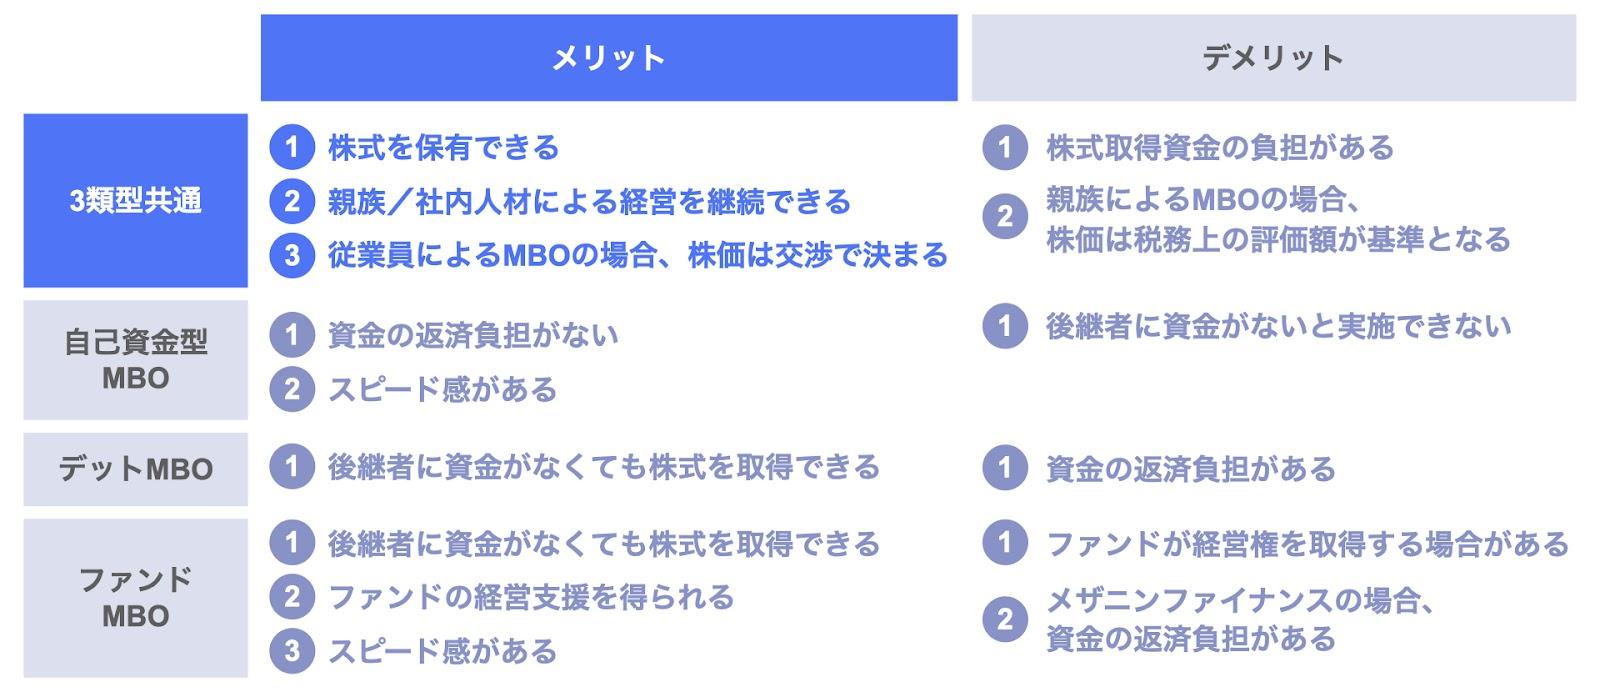 MBOの3類型に共通するメリット